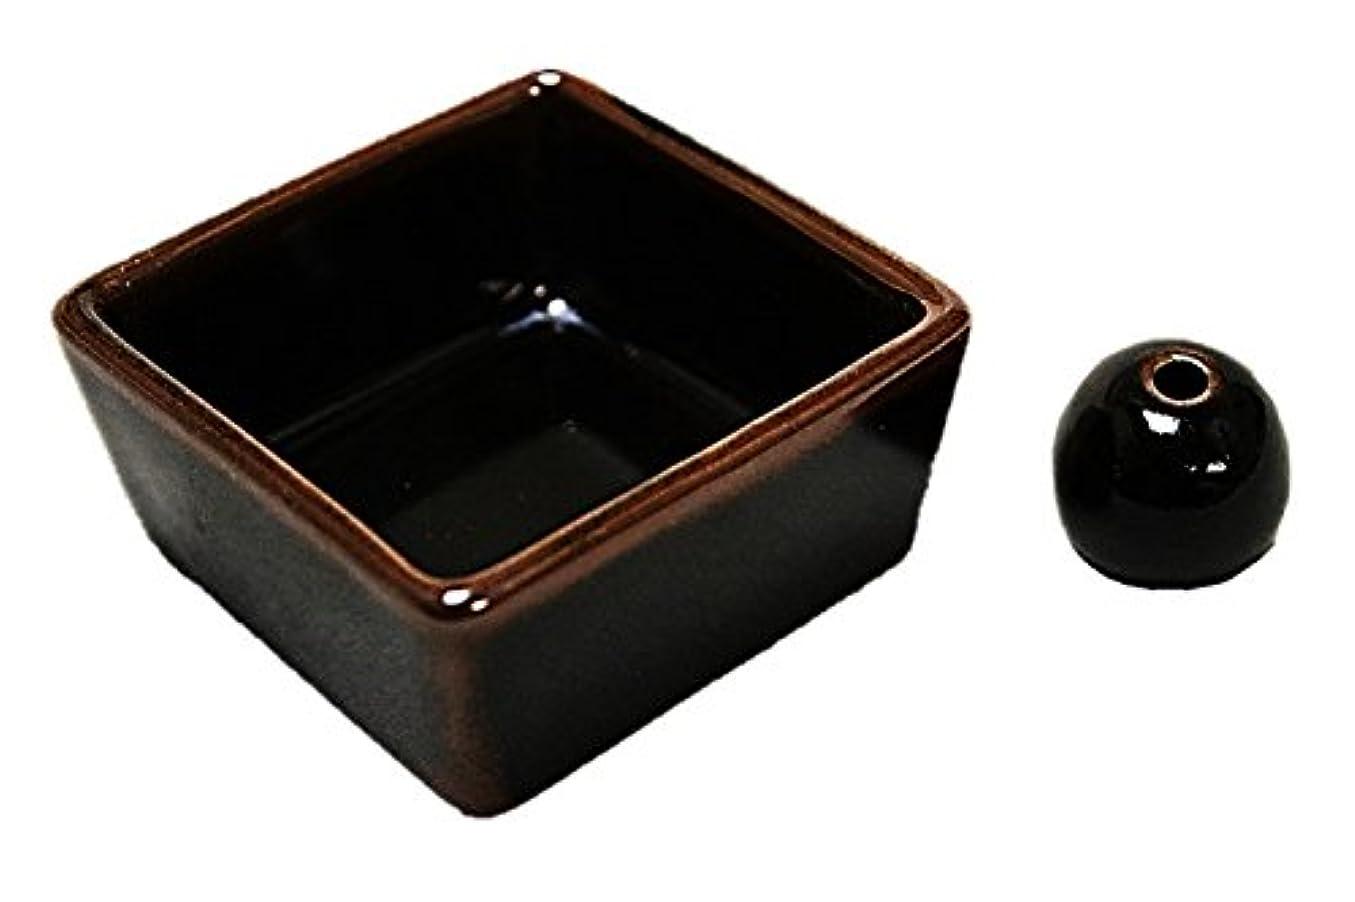 ゆり満州ダルセット和モダン 窯変黒天目釉 お香立て 陶器 角鉢 製造直売品